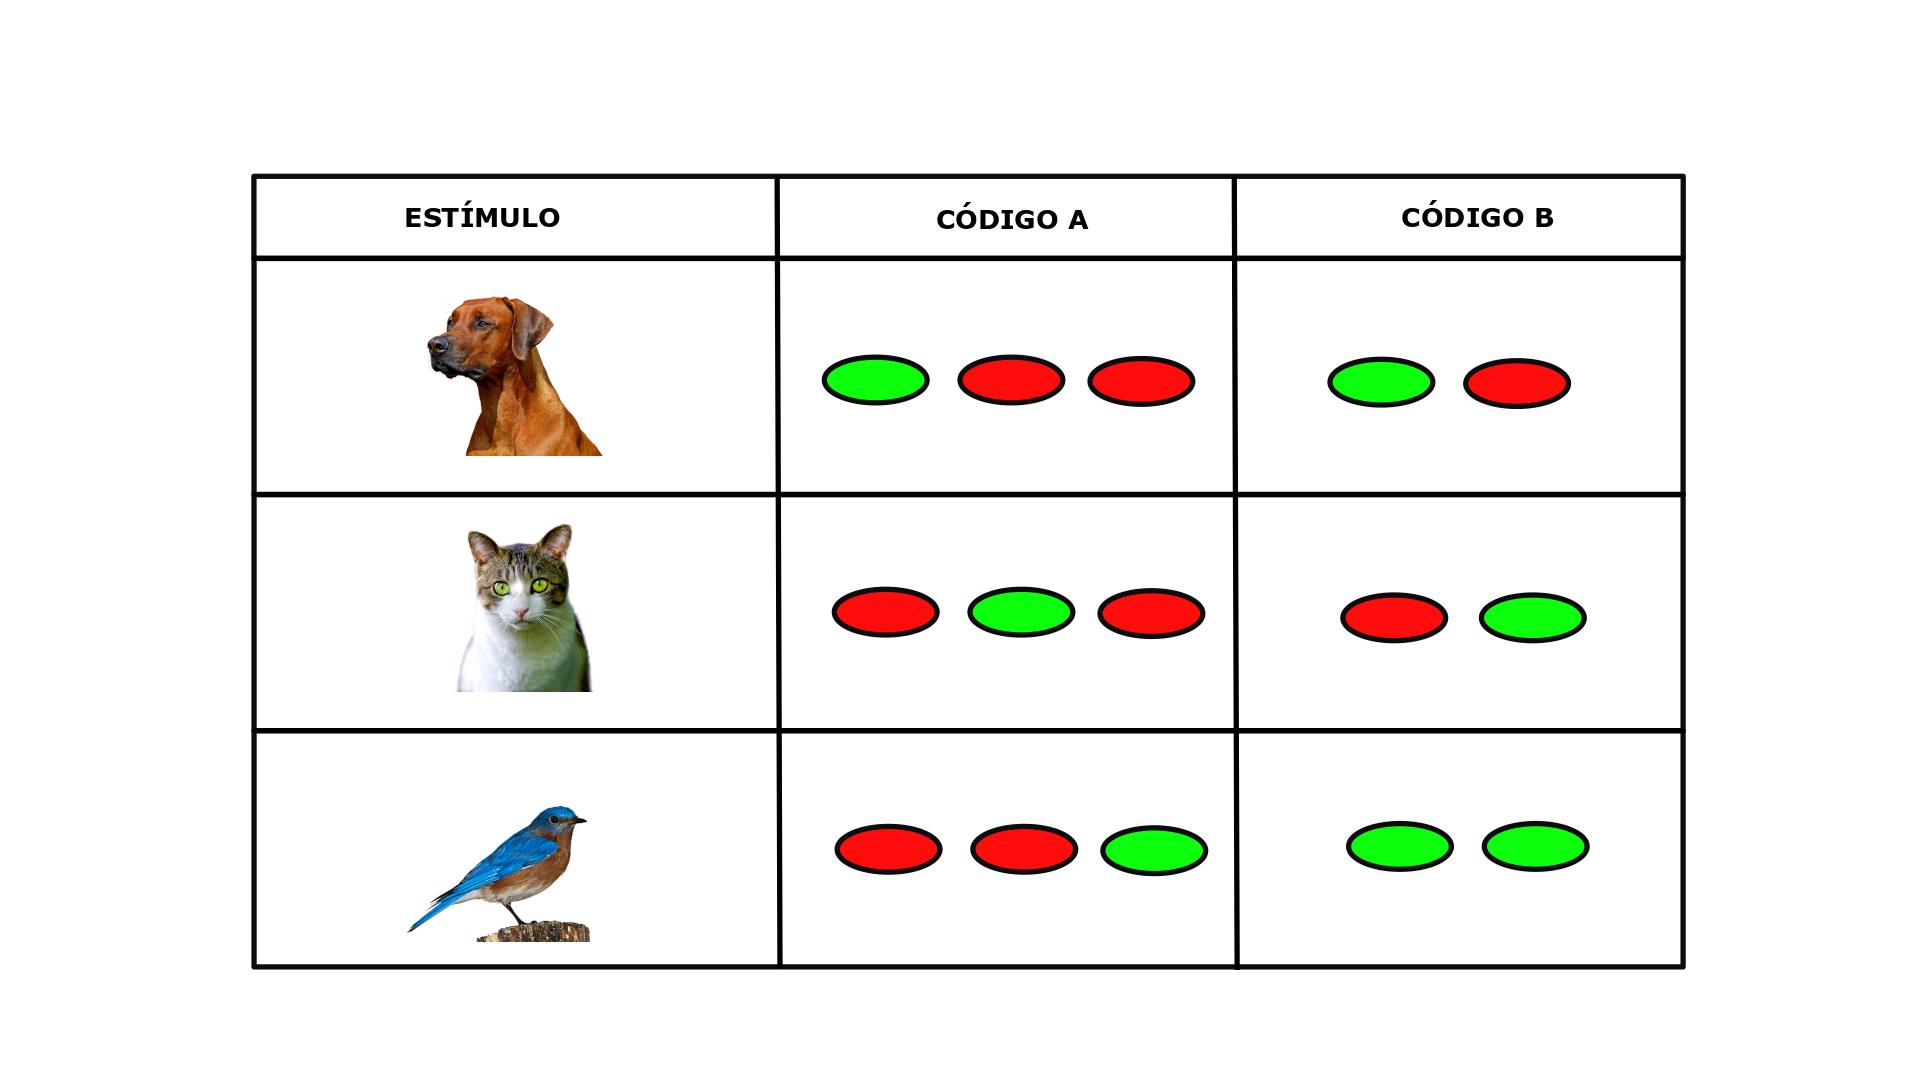 Ilustración de dos códigos neuronales distintos para representar distintos estímulos. Fuente: Universidad Isabel I.